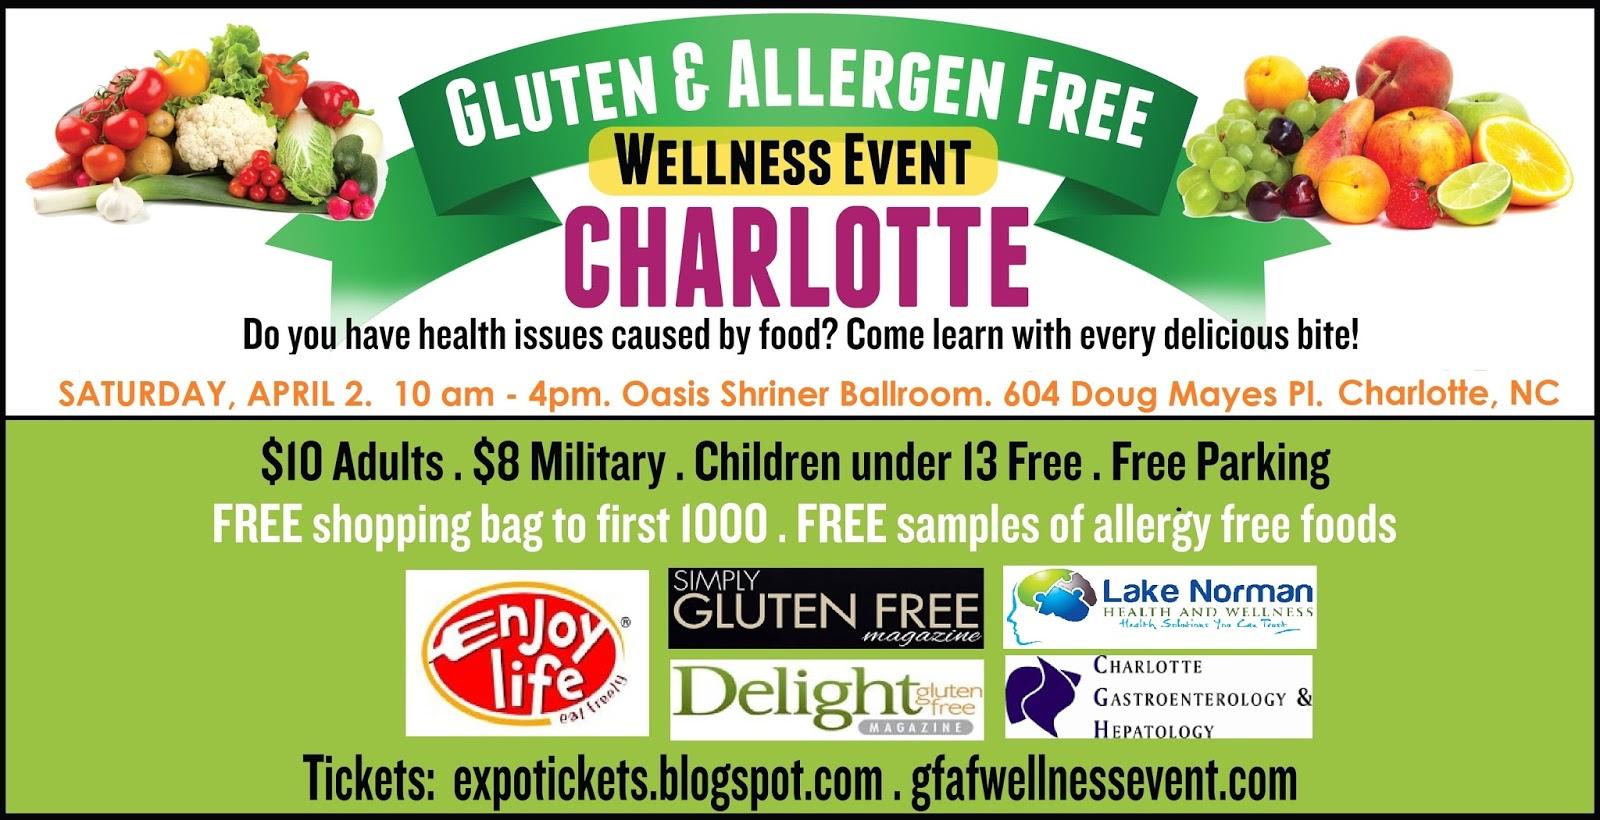 meghan varner gluten and allergen free wellness event charlotte nc edition. Black Bedroom Furniture Sets. Home Design Ideas